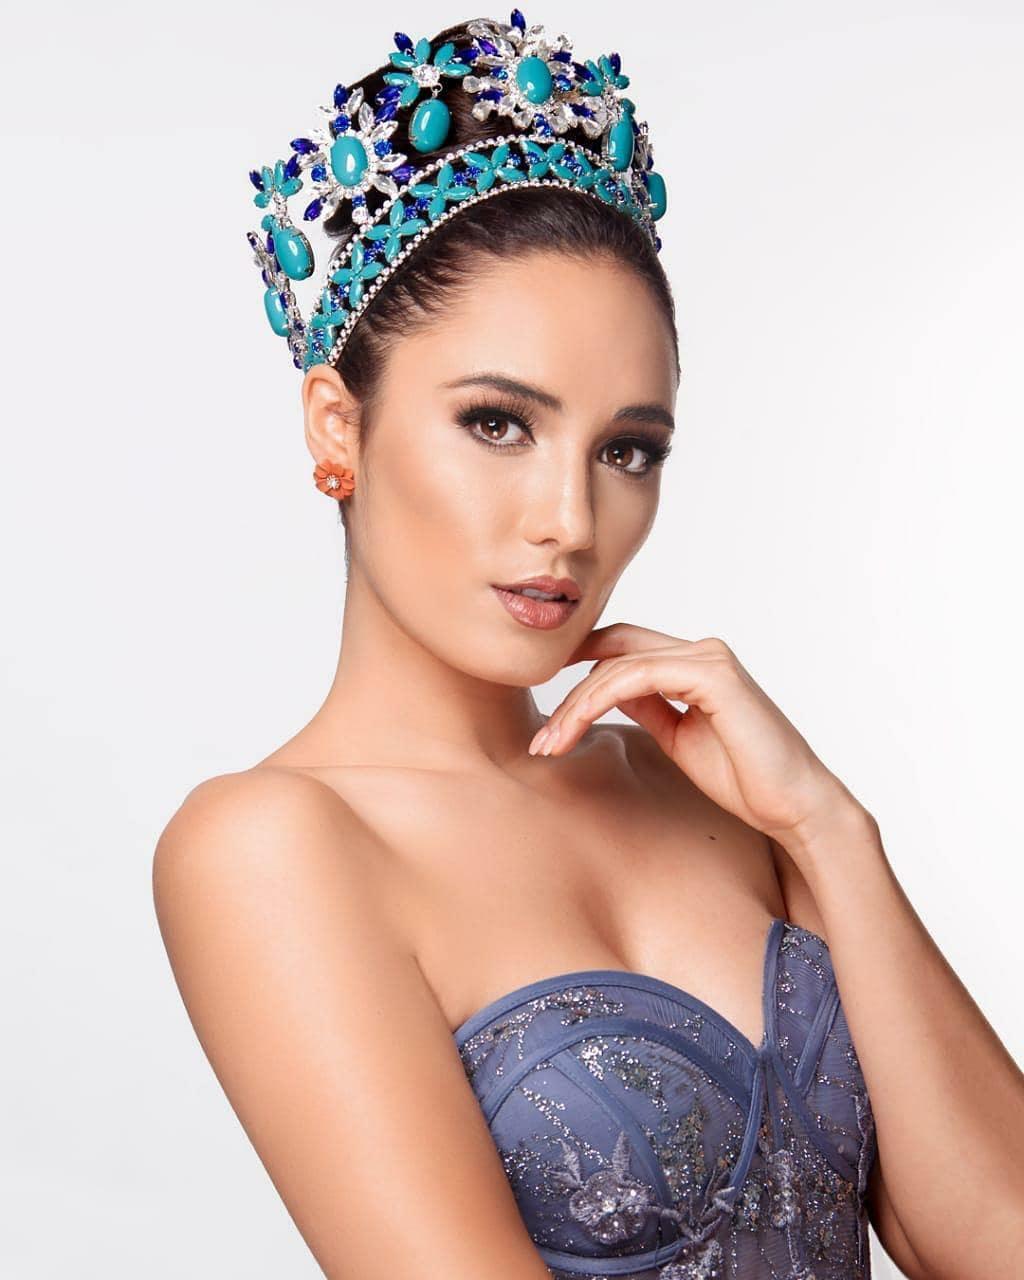 Tân Hoa hậu Mexico: Dáng vóc nóng bỏng, thông thạo 4 thứ tiếng - 13